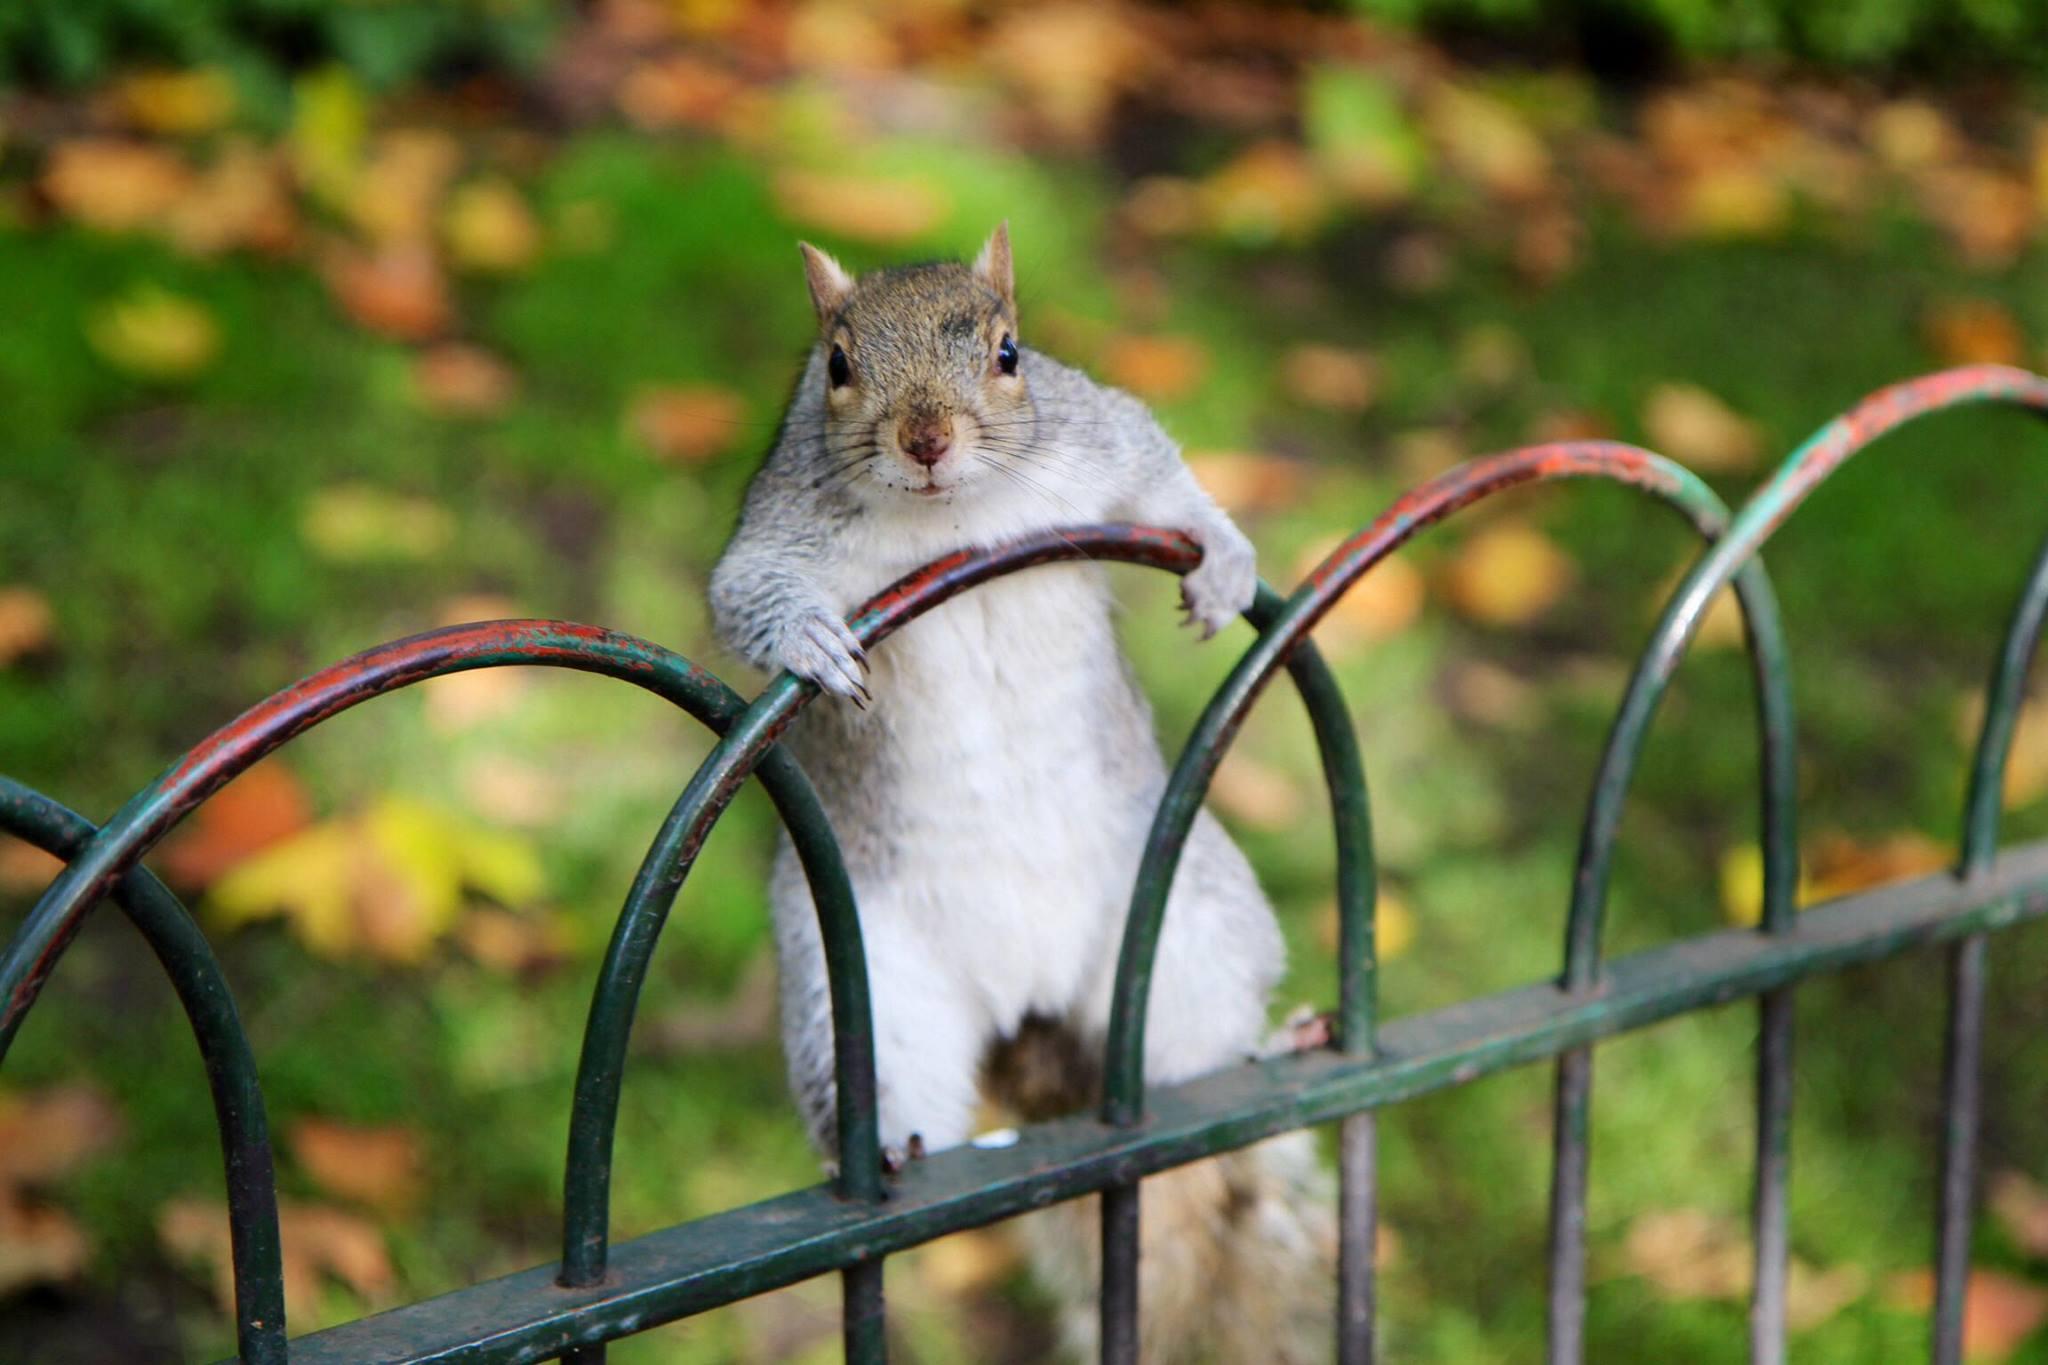 Een nieuwsgierige eekhoorn in St James Park bij Buckingham Palace